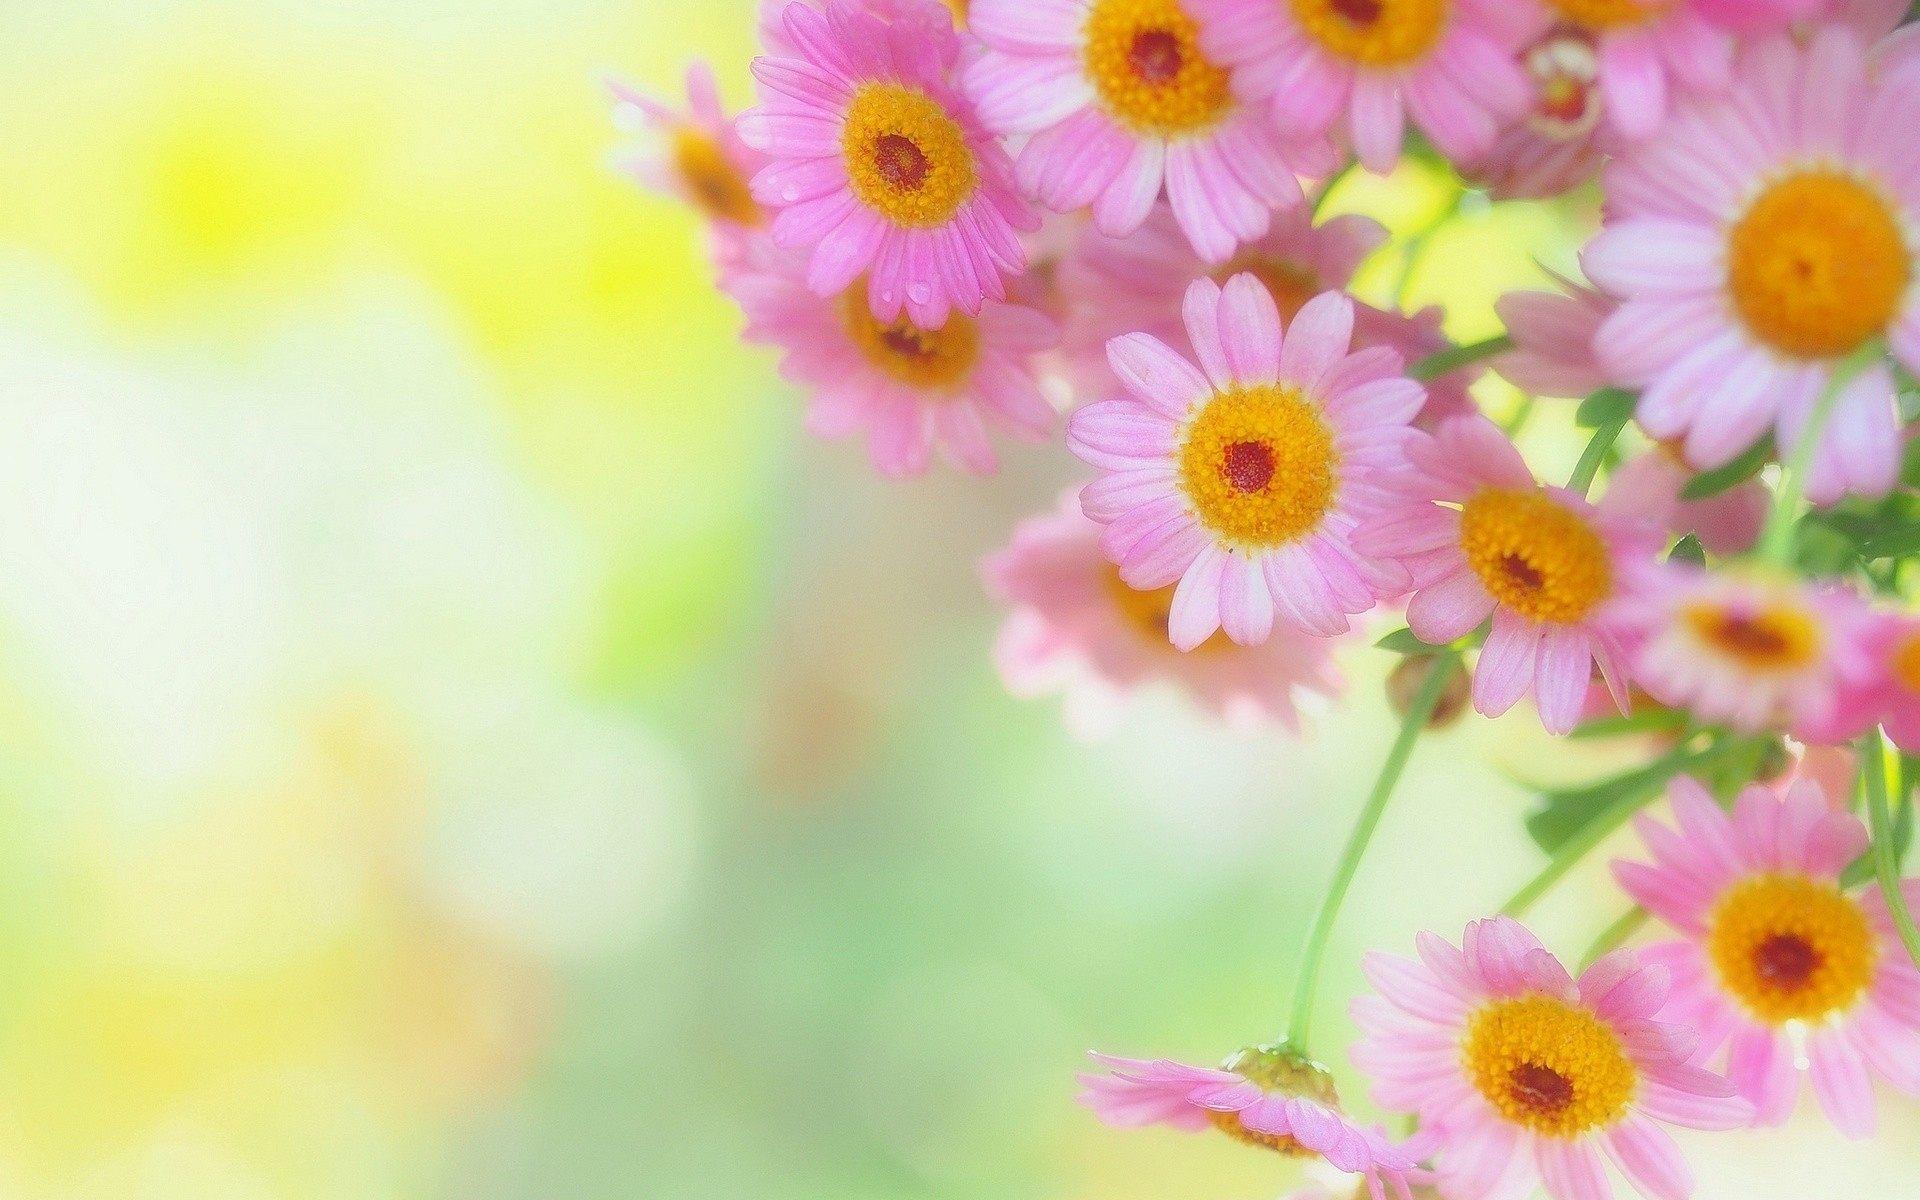 Real flower background images svg Real Flower Backgrounds - WallpaperPulse svg